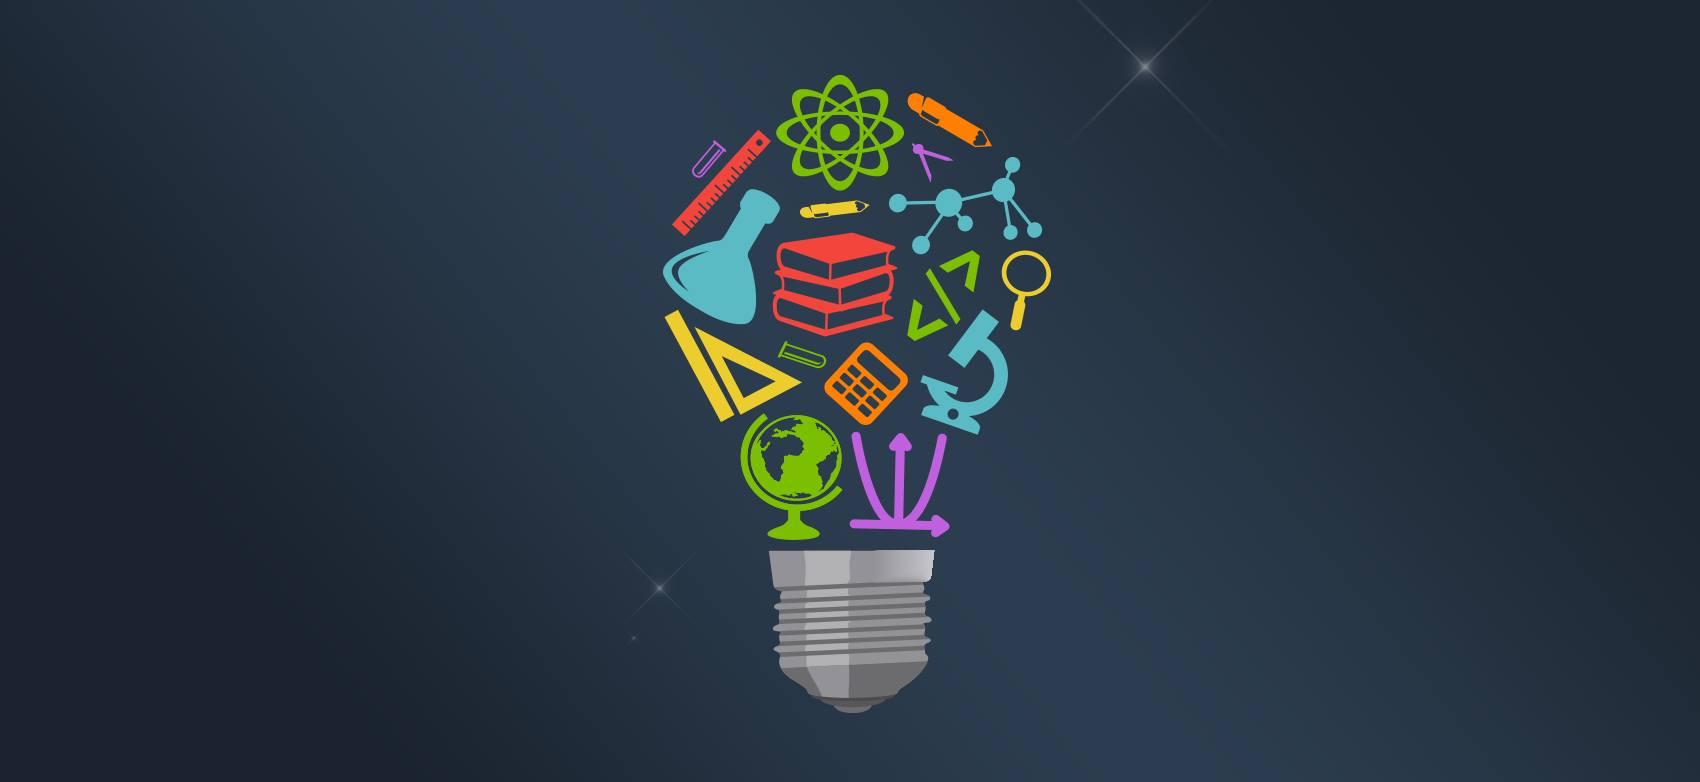 Освітня онлайн-платформа Prometheus викладатиме Гарвардський курс програмування в 10 містах України